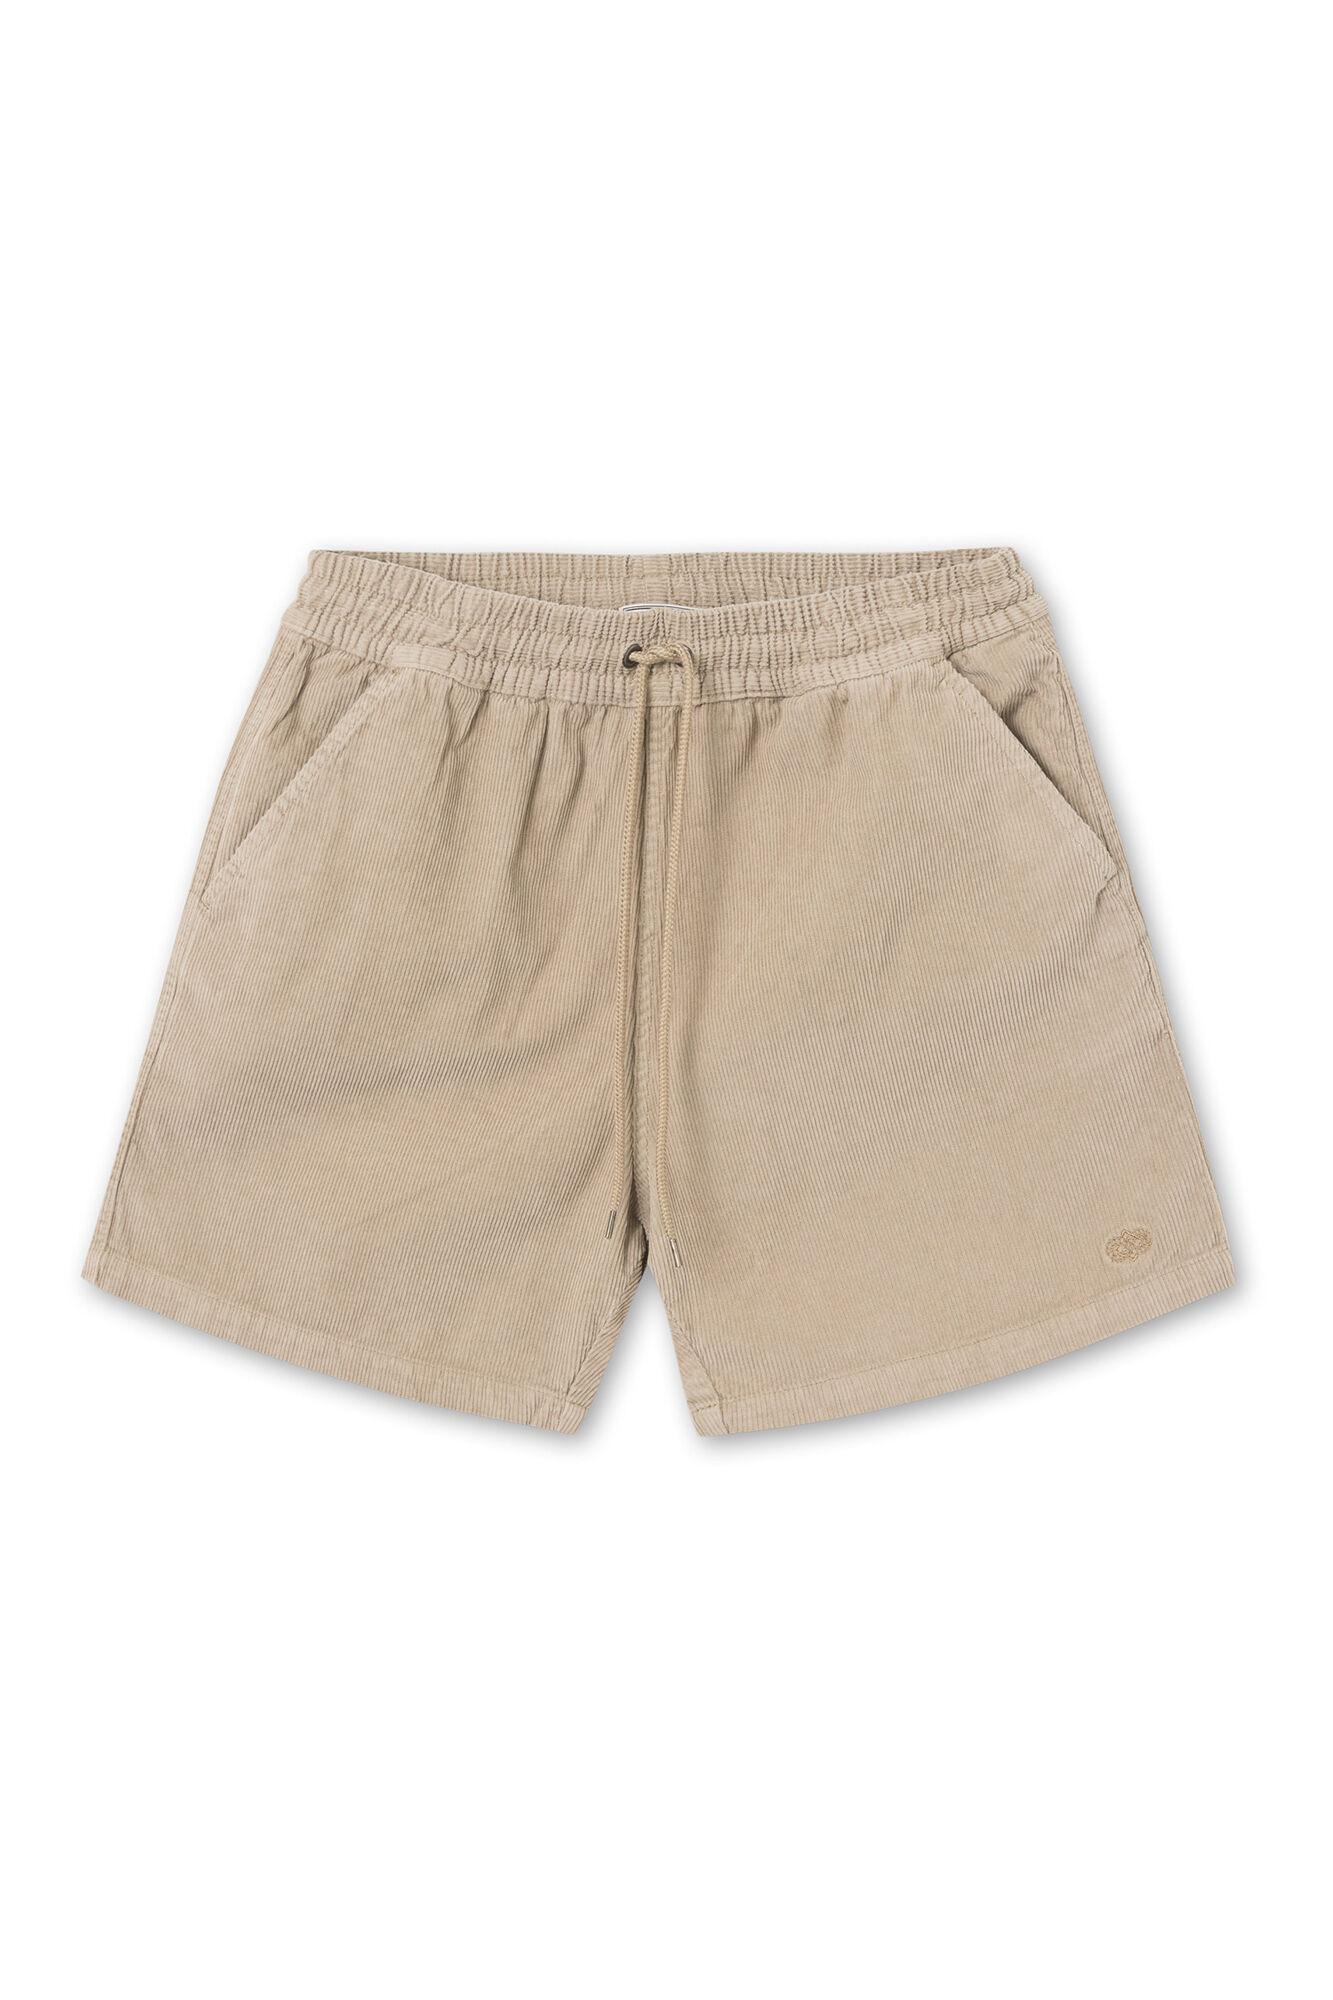 Rove Shorts 146, KHAKI